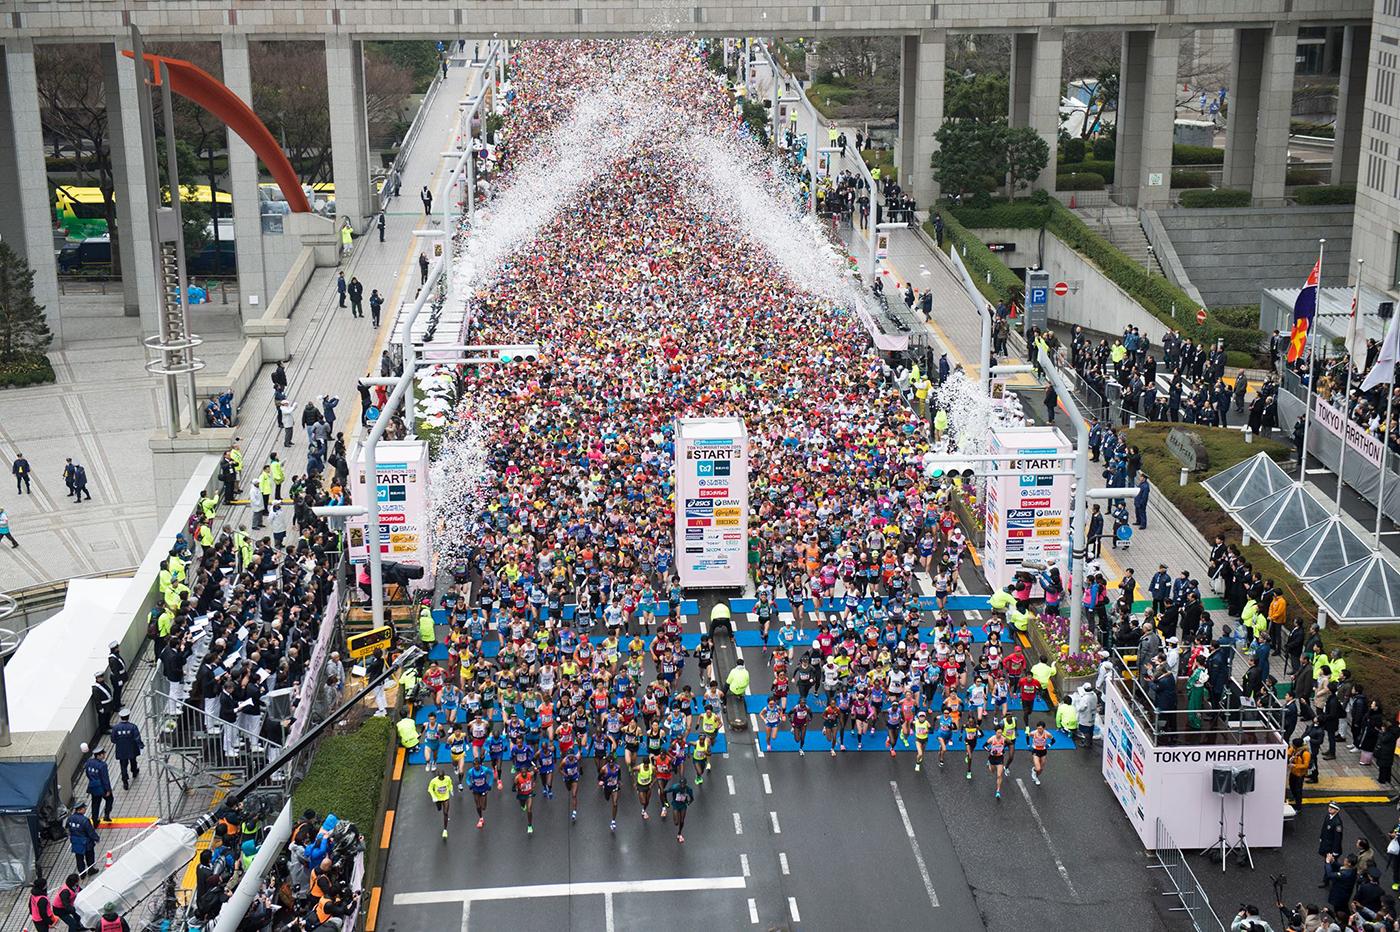 東京マラソン2015。縮小化するも、おもしろコスプレランナー健在